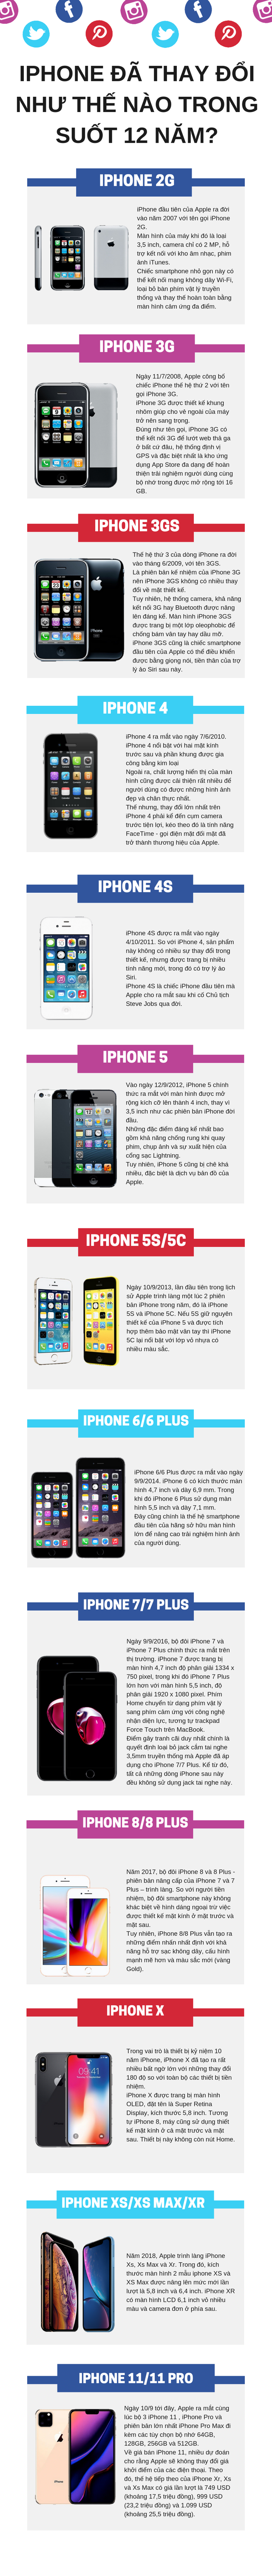 IPhone đã thay đổi như thế nào trong suốt 12 năm qua? - Ảnh 1.